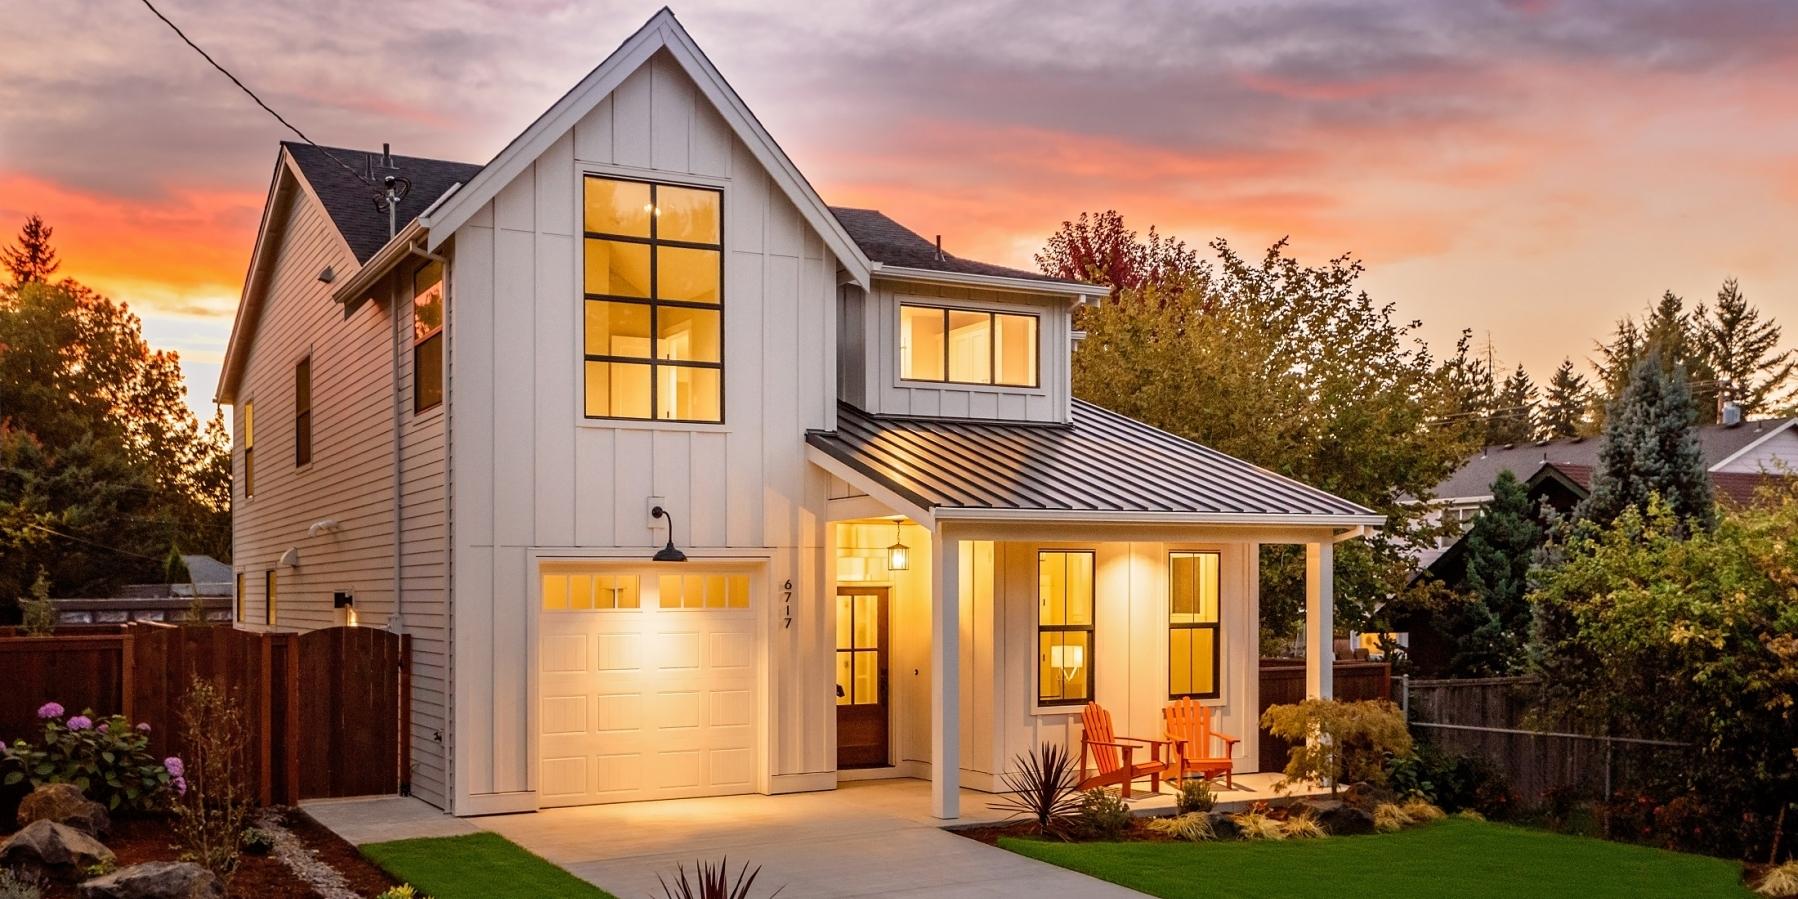 New Brennan Farmhouse